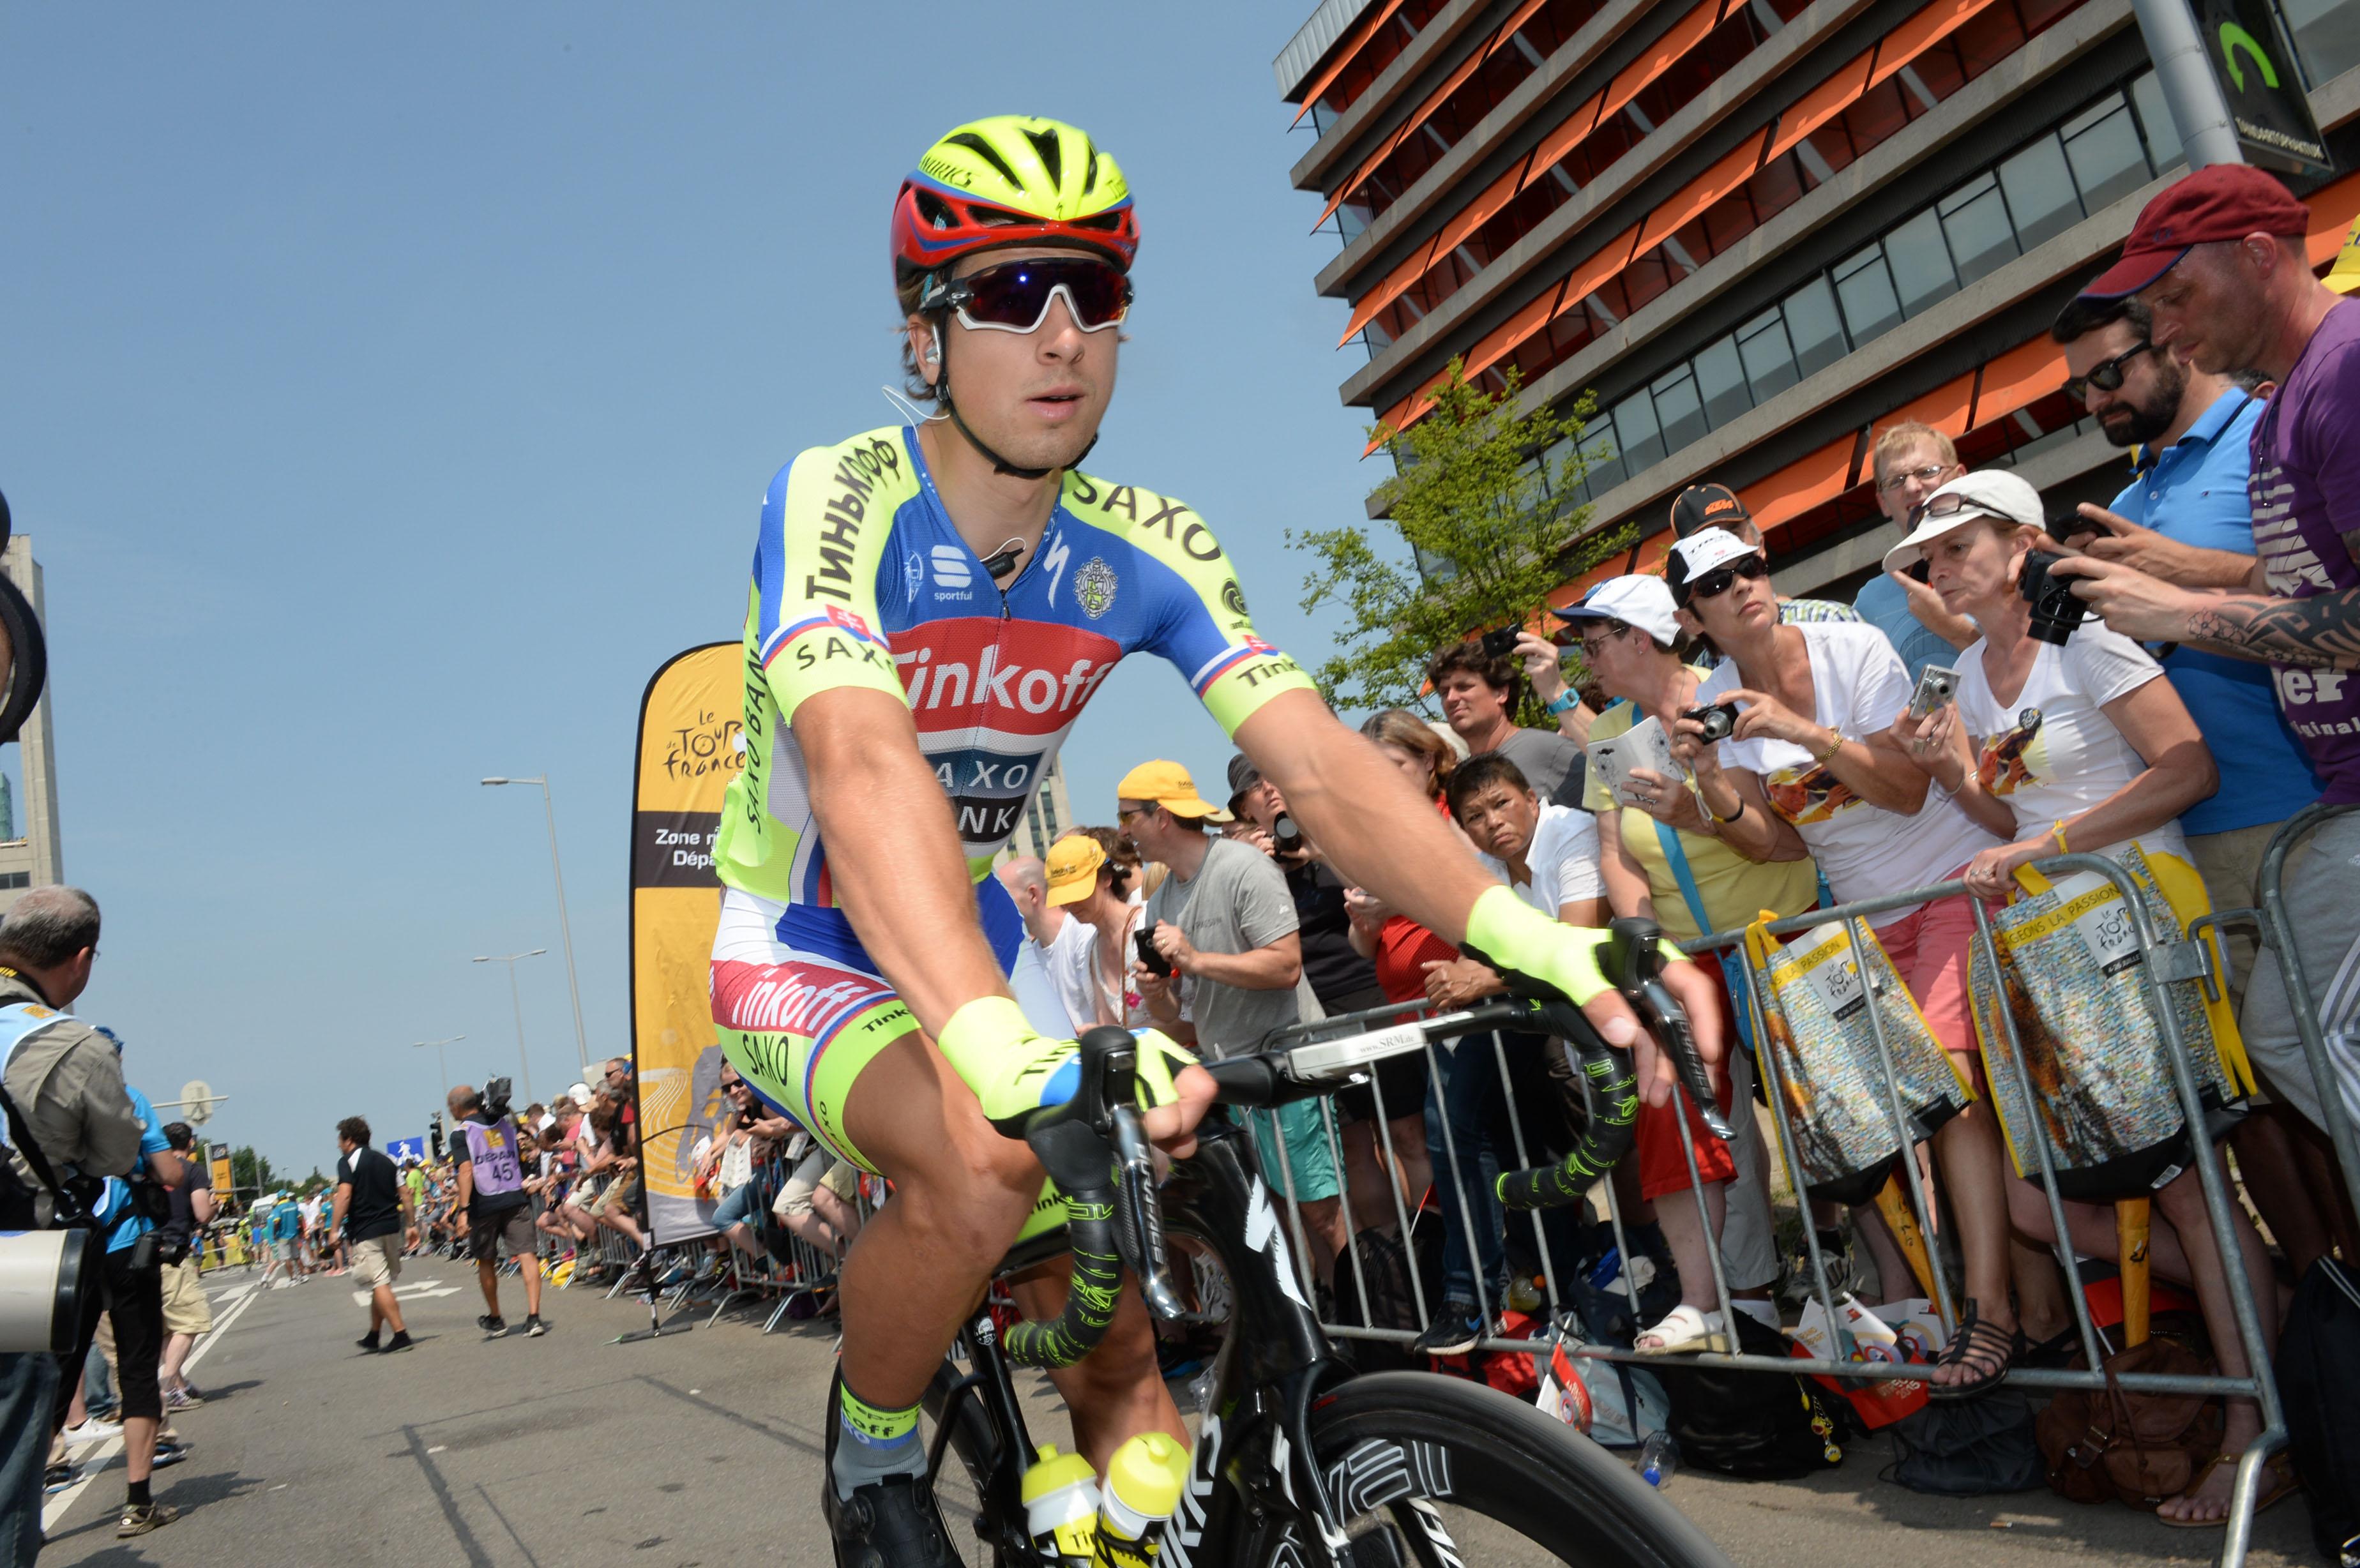 Peter Sagan schloss die zweite Etappe der Tour de France 2015 mit dem zweiten Platz ab. Tolle Teamleistung!